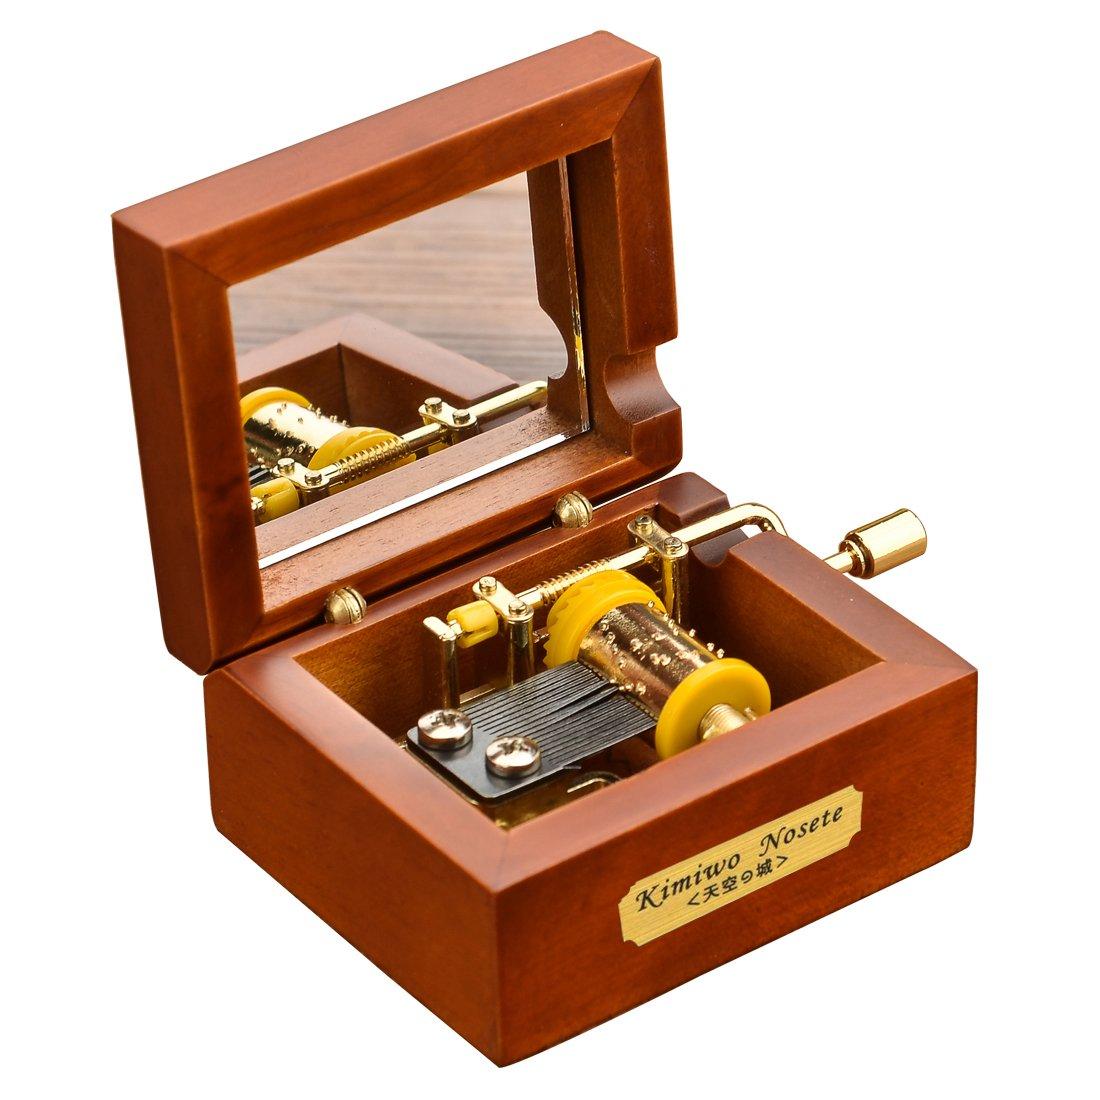 【予約販売品】 Youtang ( TM TM ) Miniサイズクリエイティブ木製18-note hand-crankmusicalボックス B01N2R53VC、ミュージカルおもちゃ、Tune : Are You Are My Sunshine B01N2R53VC, ナチュラルショップ ライサ:1da5c662 --- garagegrands.com